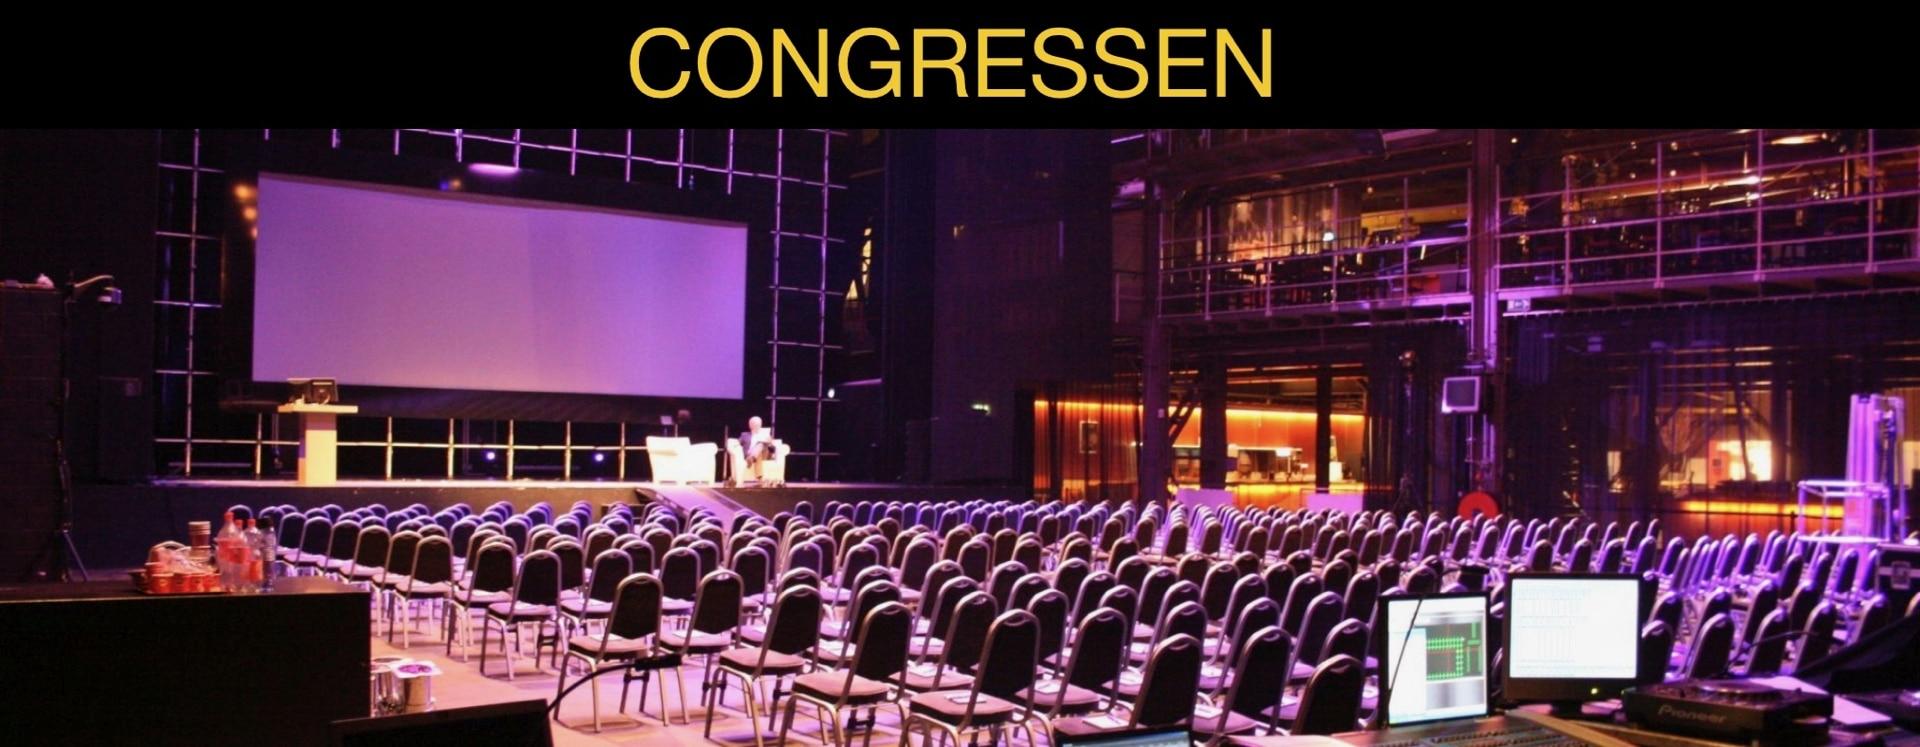 4YourEvents Slider Congressen Homepage